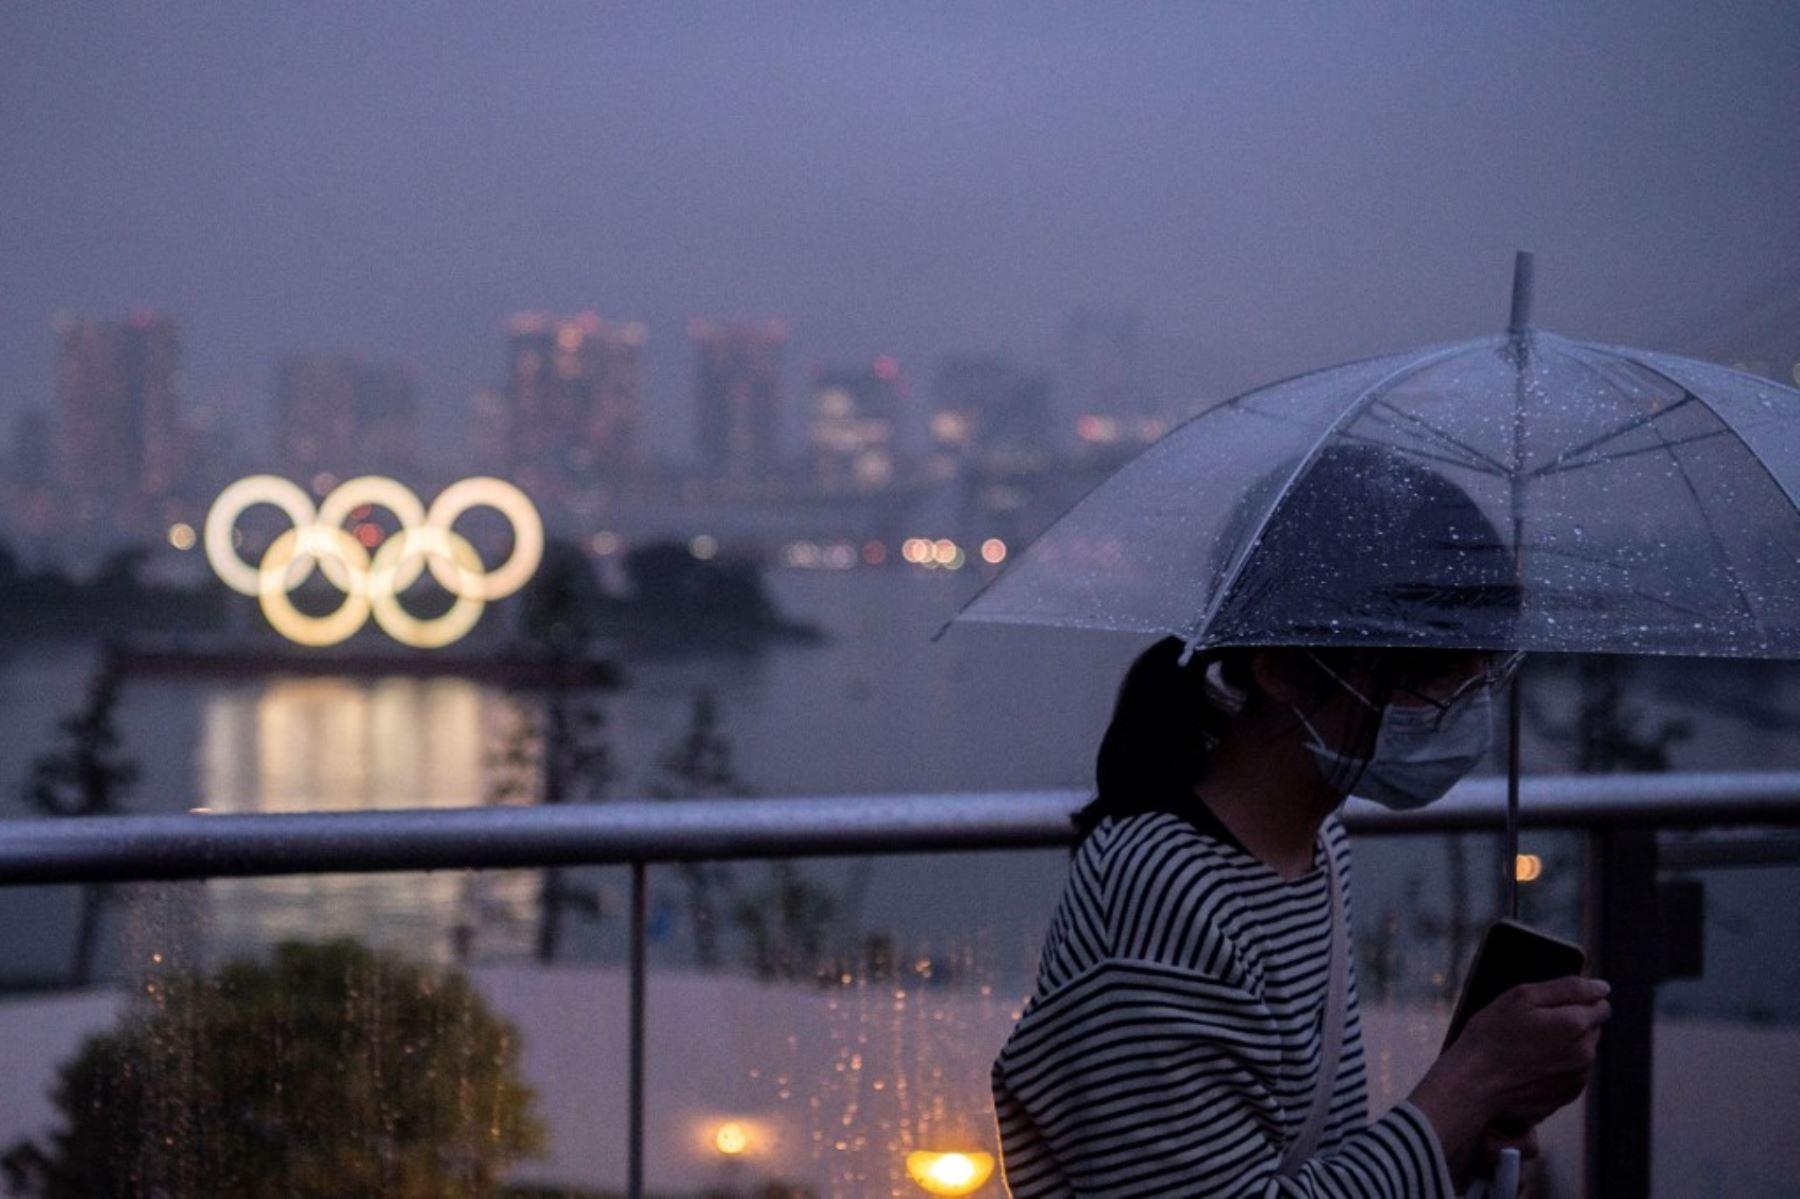 Los japoneses reaccionaron con molestia la decisión de las autoridades de llevar a cabo unos juegos olímpicos sin público en los escenarios deportivos.